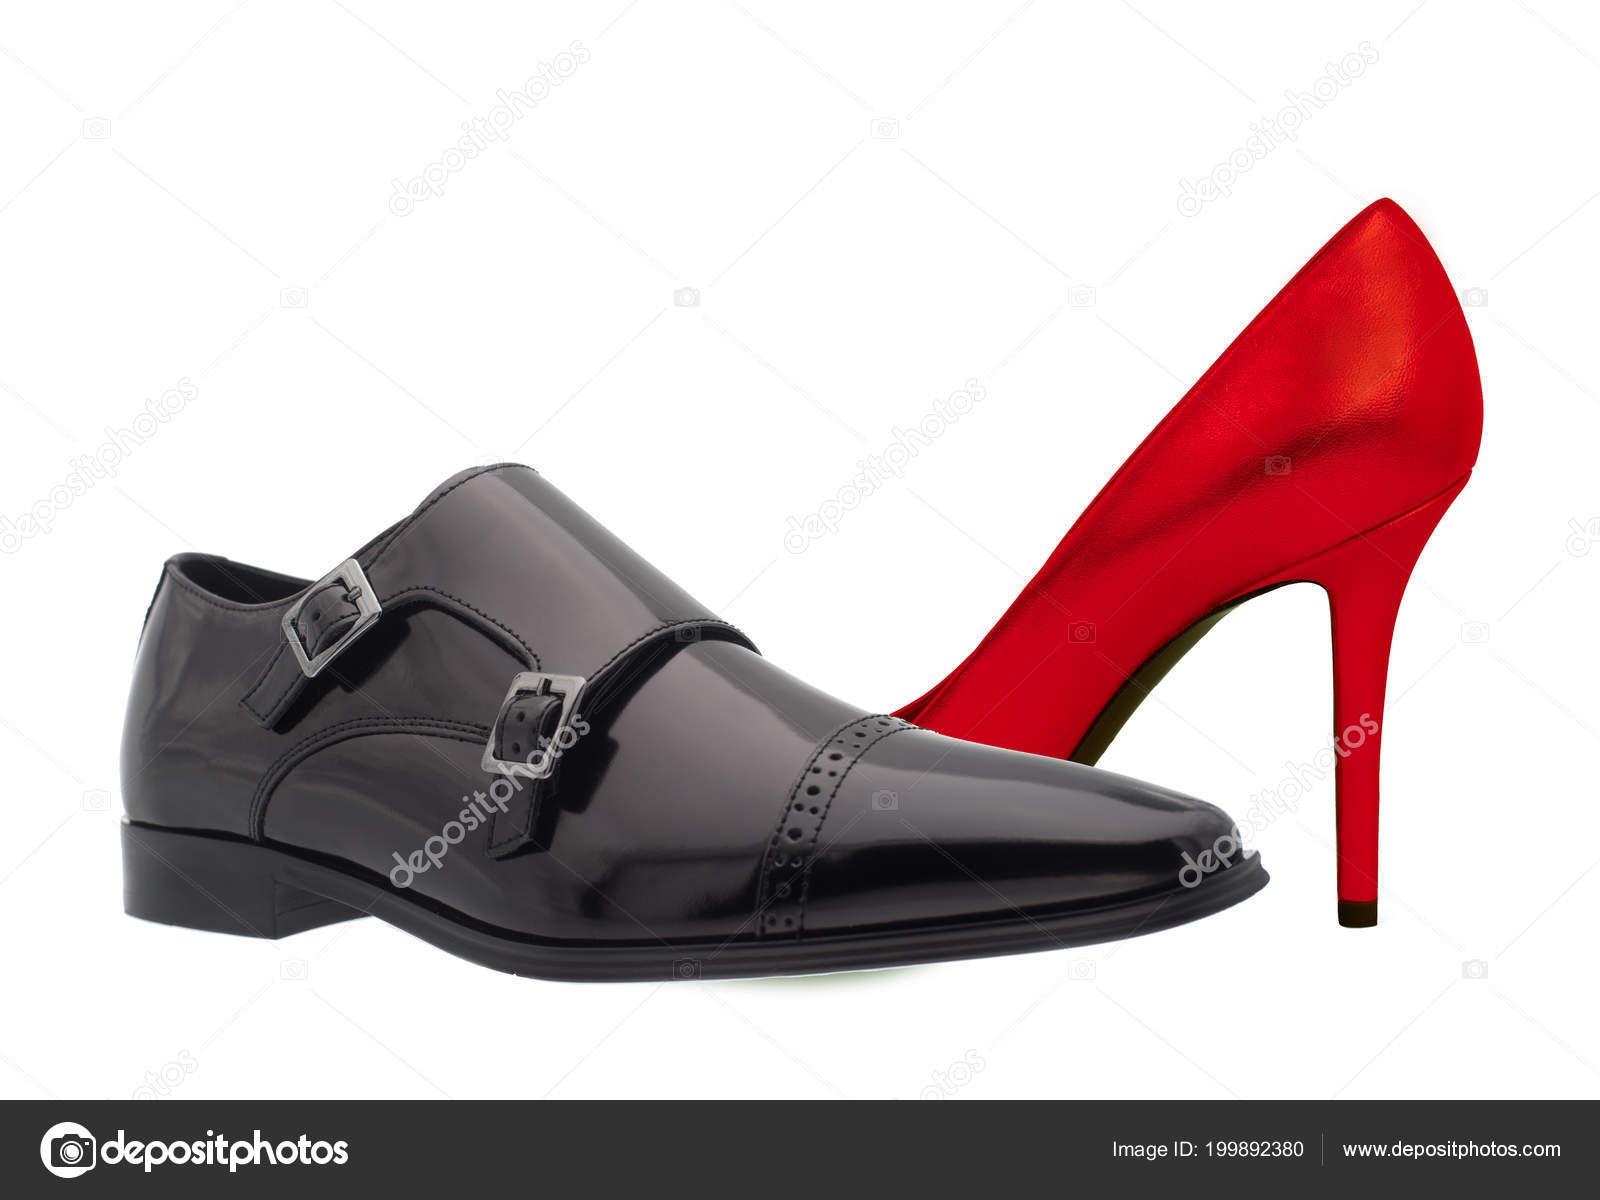 e996788e9 Sapato preto e vermelho. Calçado masculino e feminino — Stock Photo ...